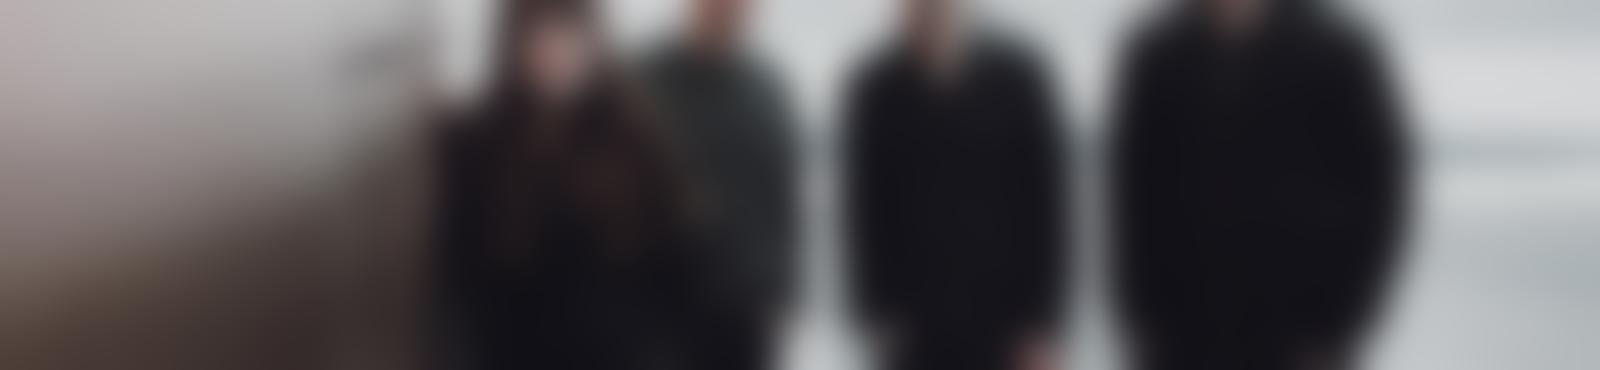 Blurred 7d07606a 683c 4abb 986a 798d2c2f42b0